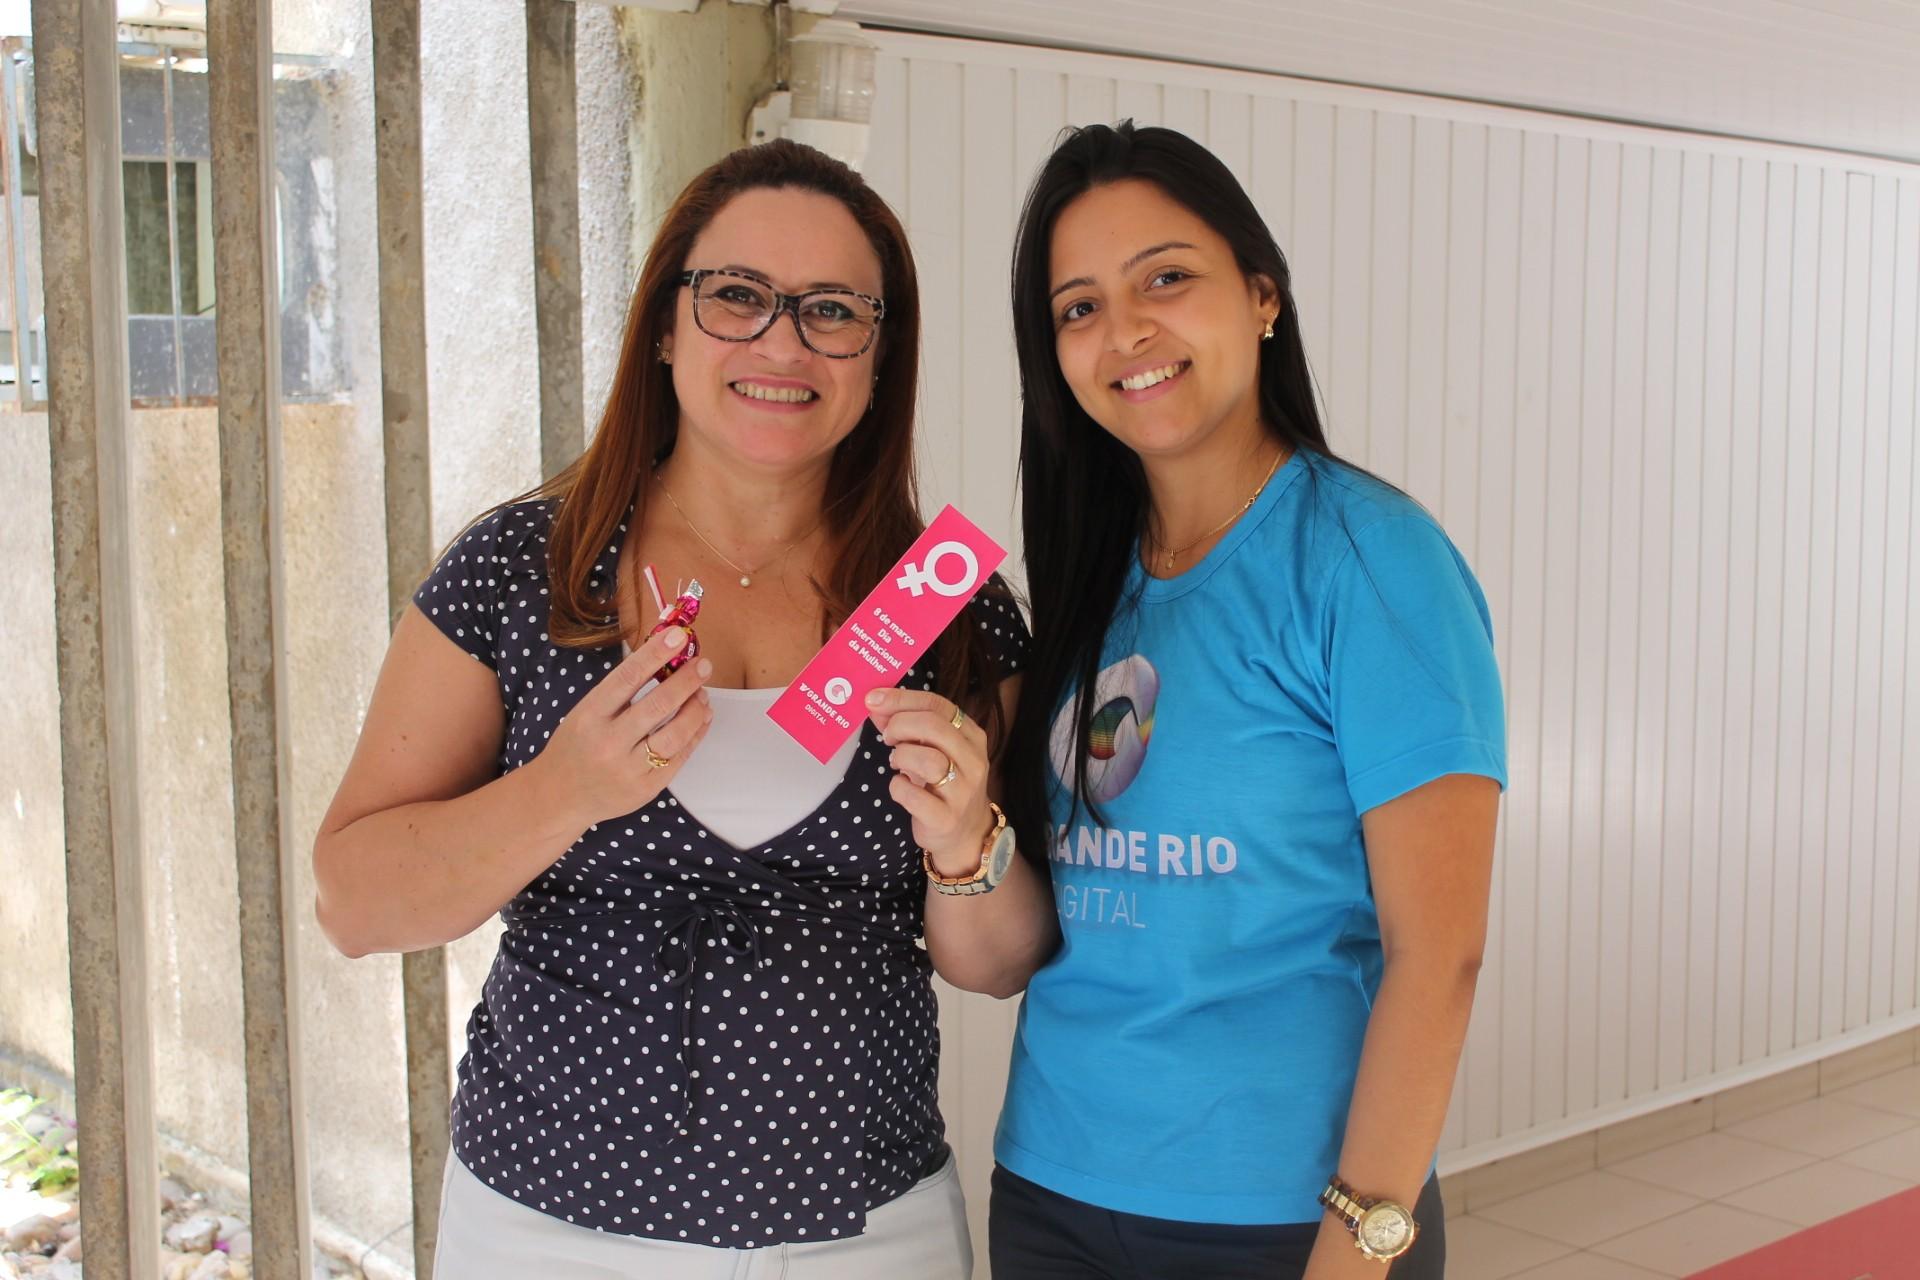 Funcionárias do Sistema Grande Rio de Comunicação ganharam bombons no Dia da Mulher (Foto: Gabriela Canário)